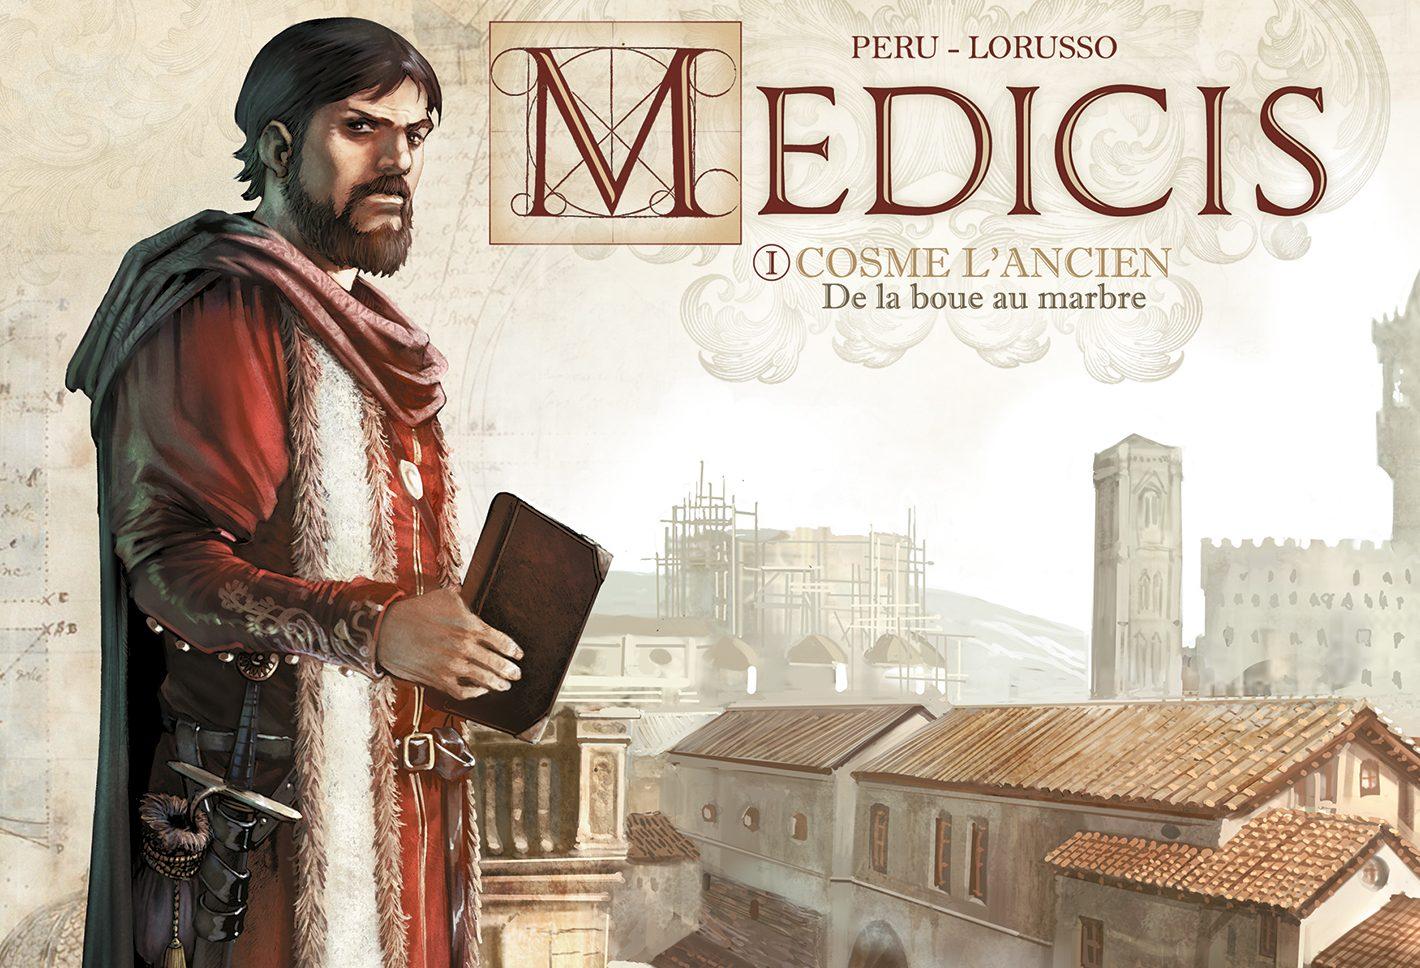 #Critique Médicis (T.1 Cosme l'ancien. De la boue au marbre) de Peru et Lorusso